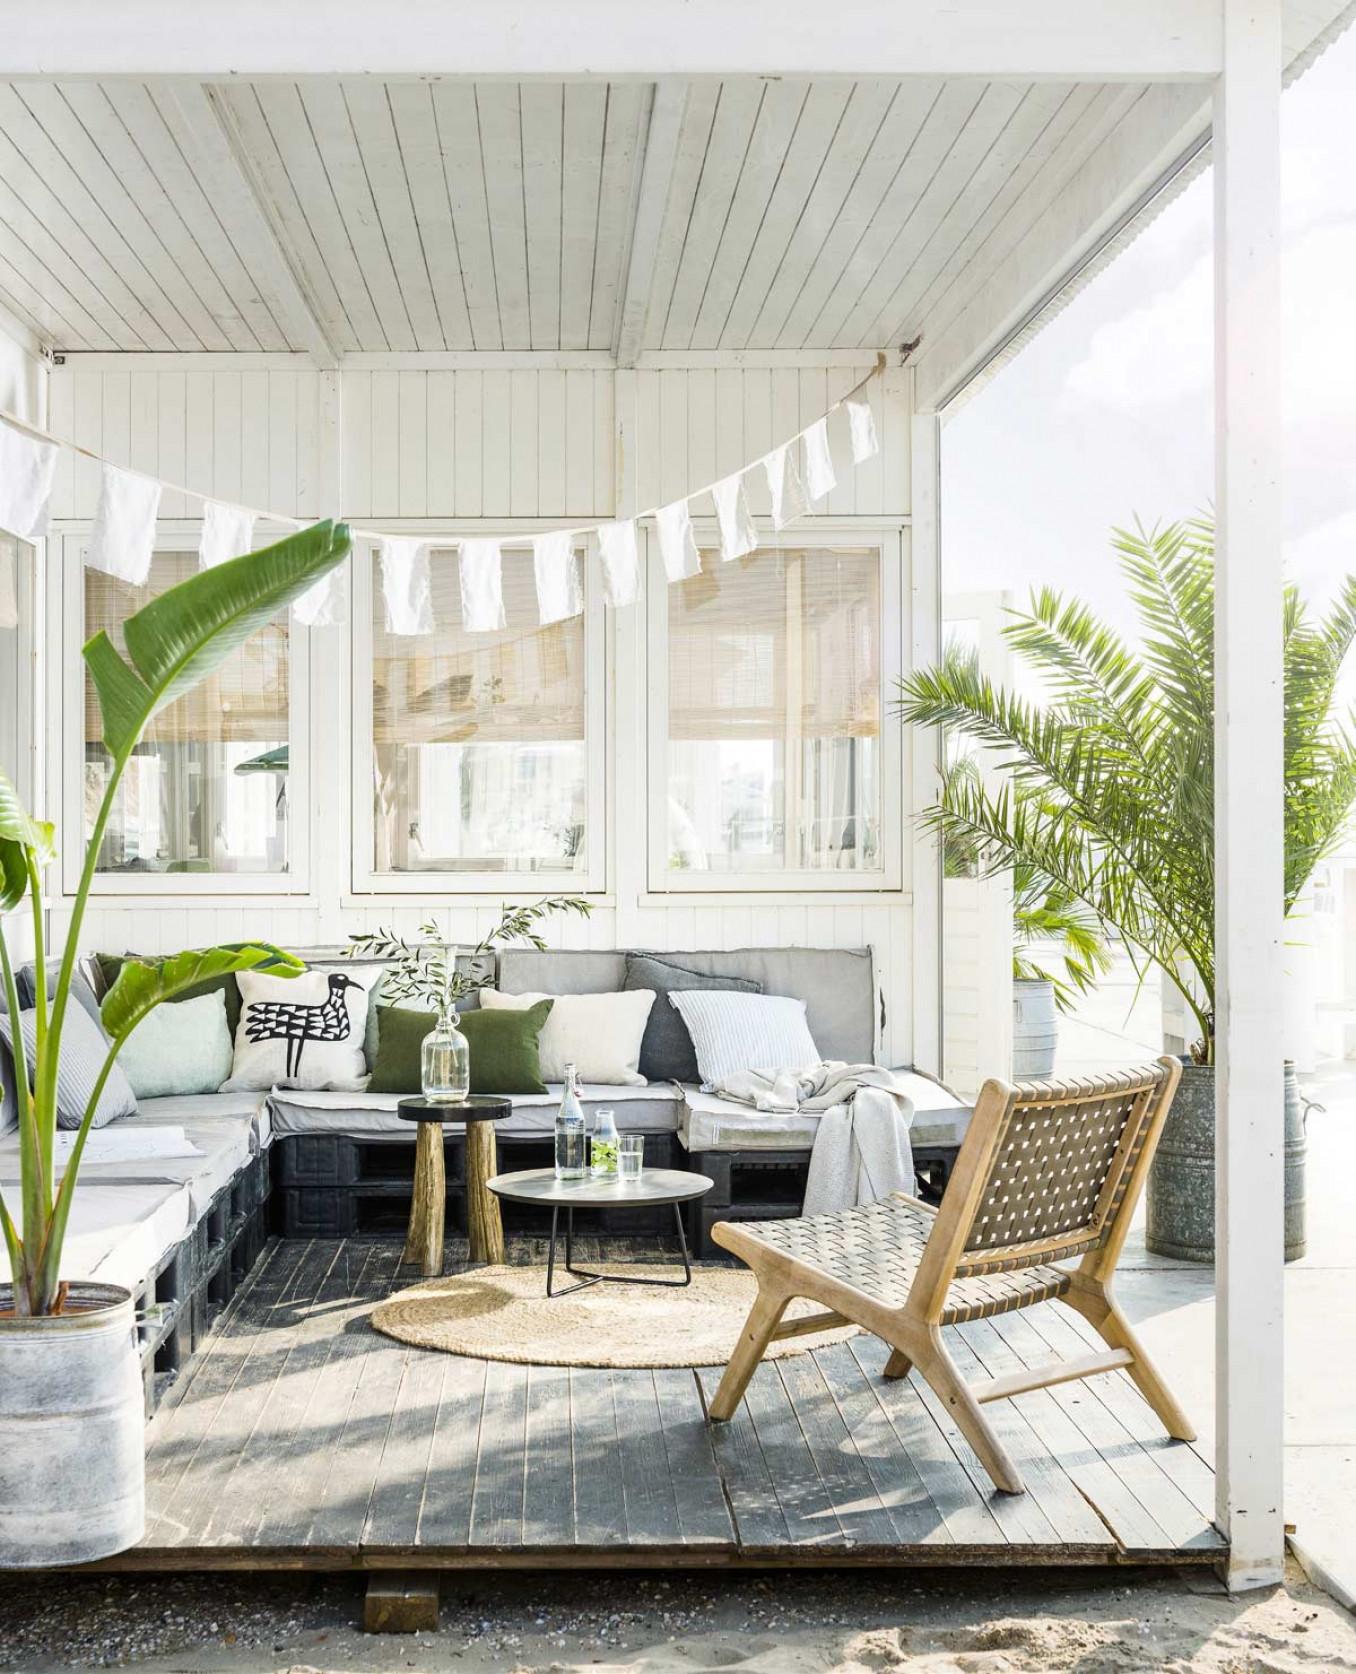 Terrasmeubels met groene planten en tapijt